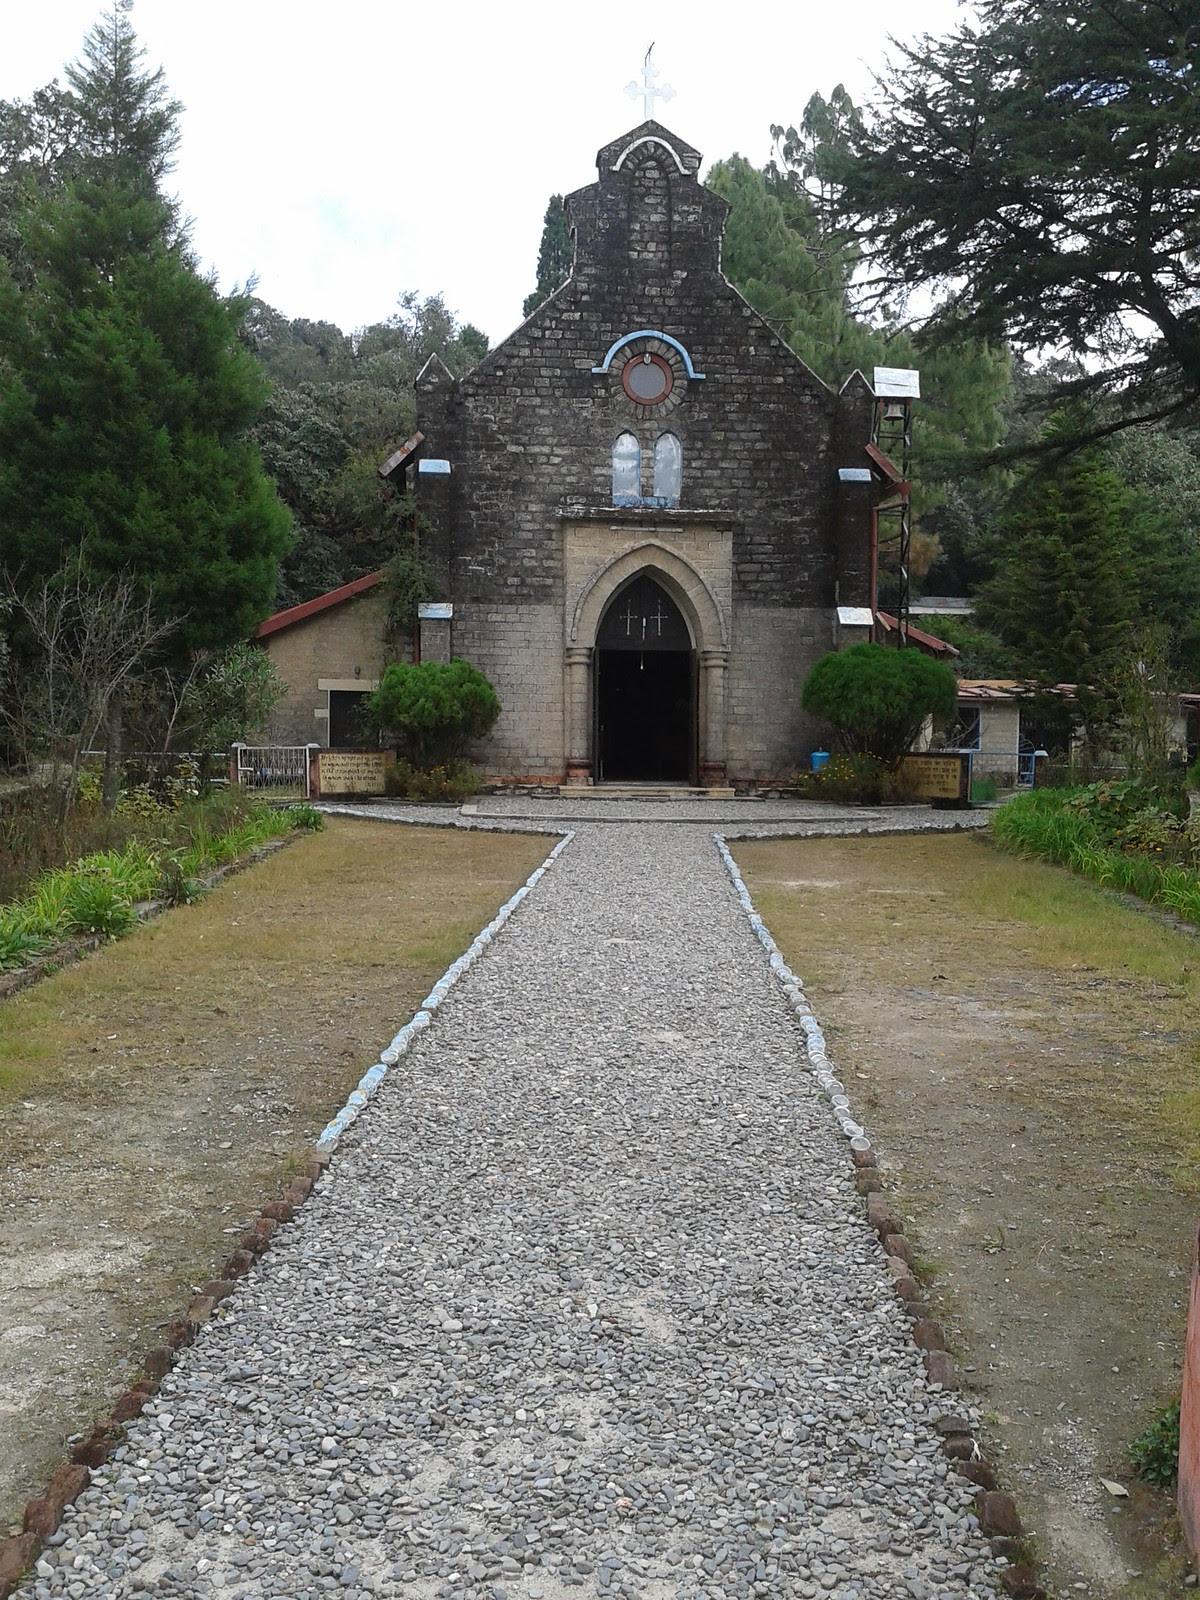 St. John's church, Lansdowne